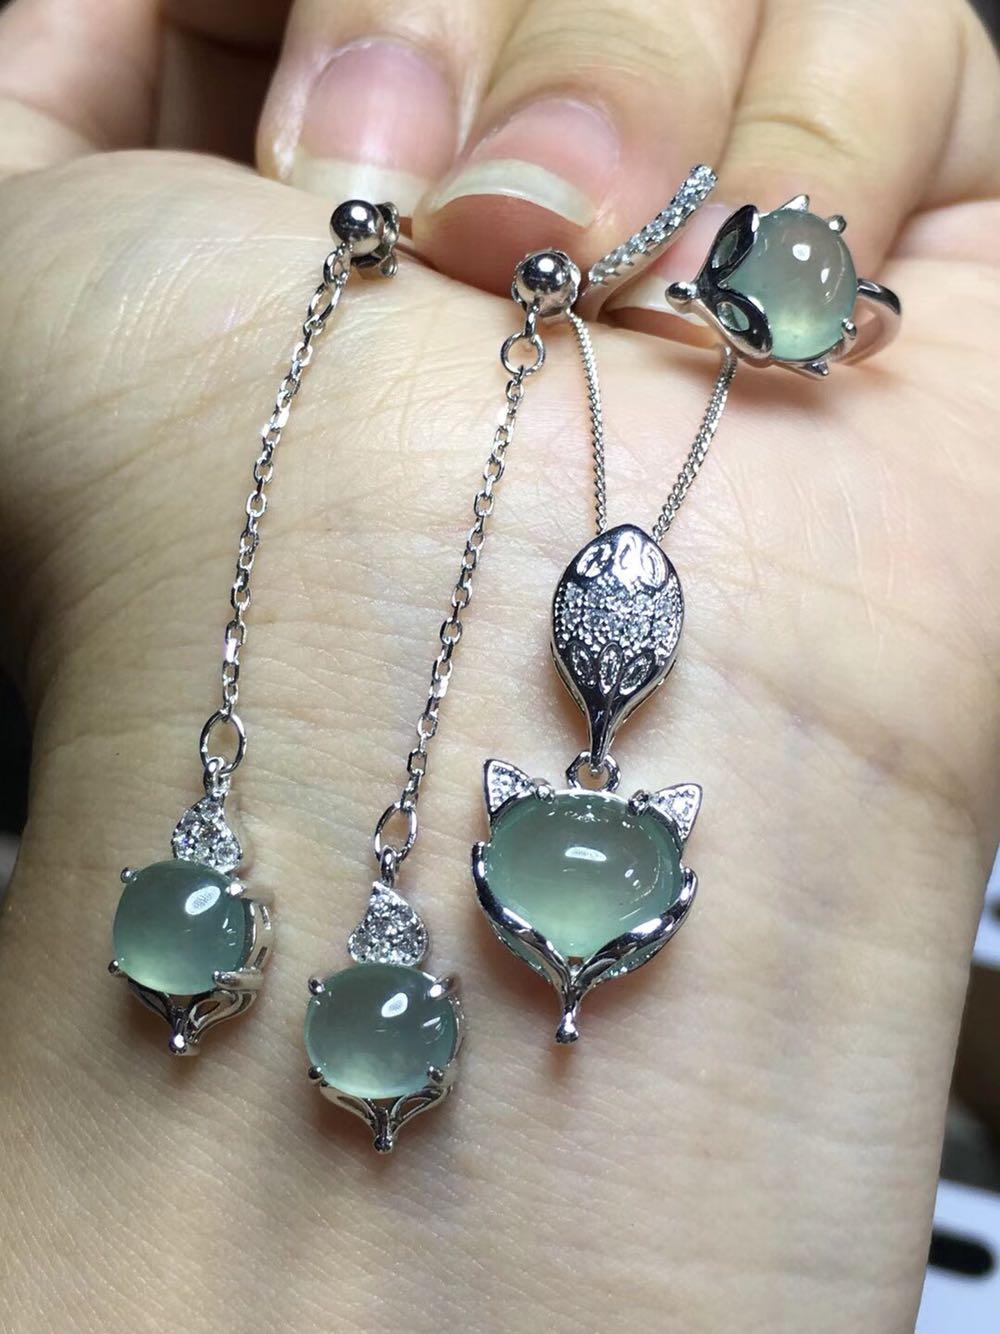 s925银镶嵌 缅甸翡翠a货冰种蛋面三件套 戒指耳钉吊坠 玉石珠宝